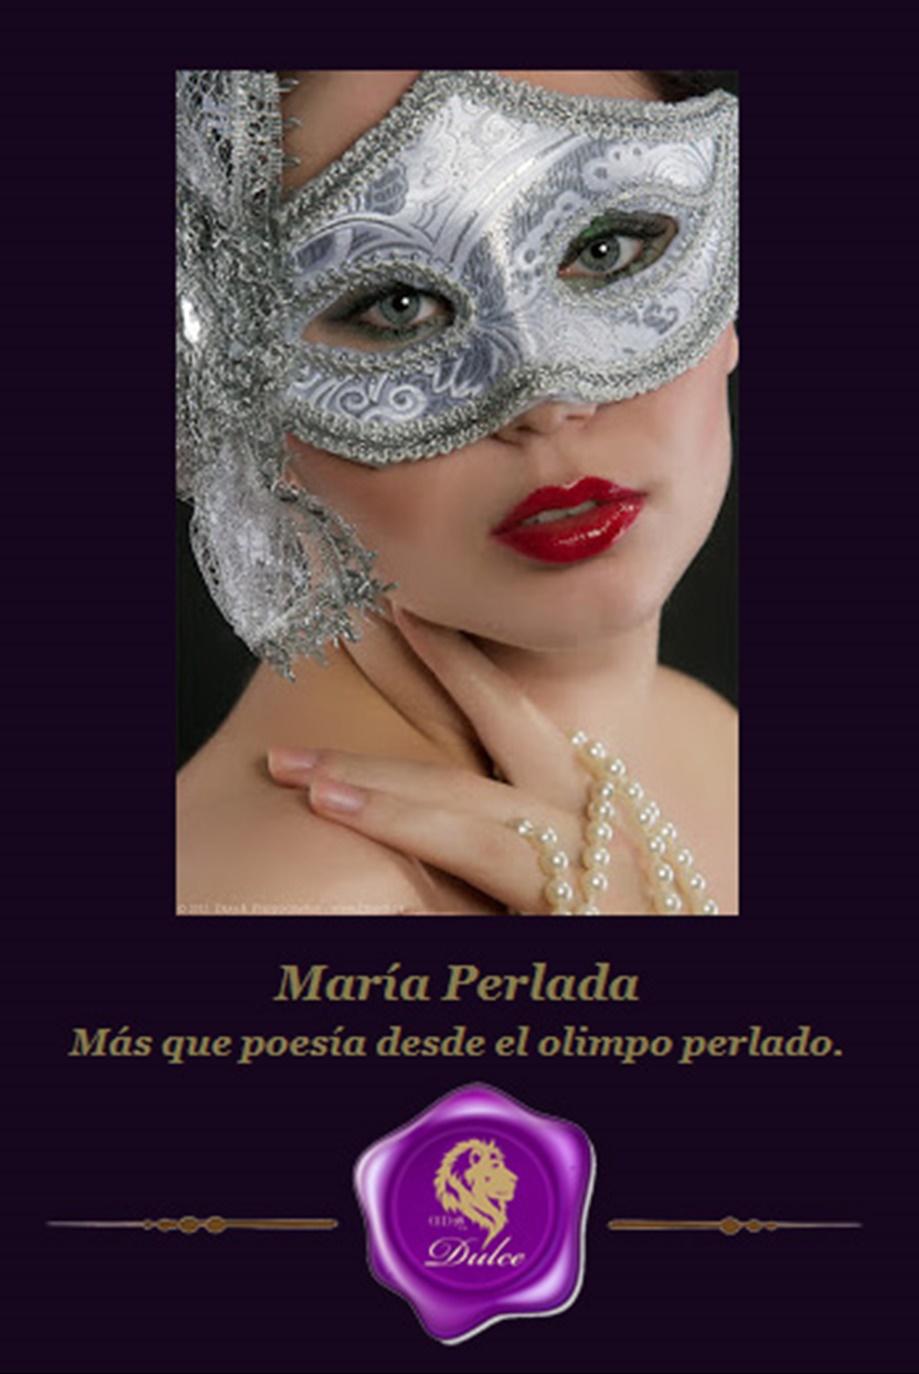 María Perlada - Más que poesía desde el olimpo perlado